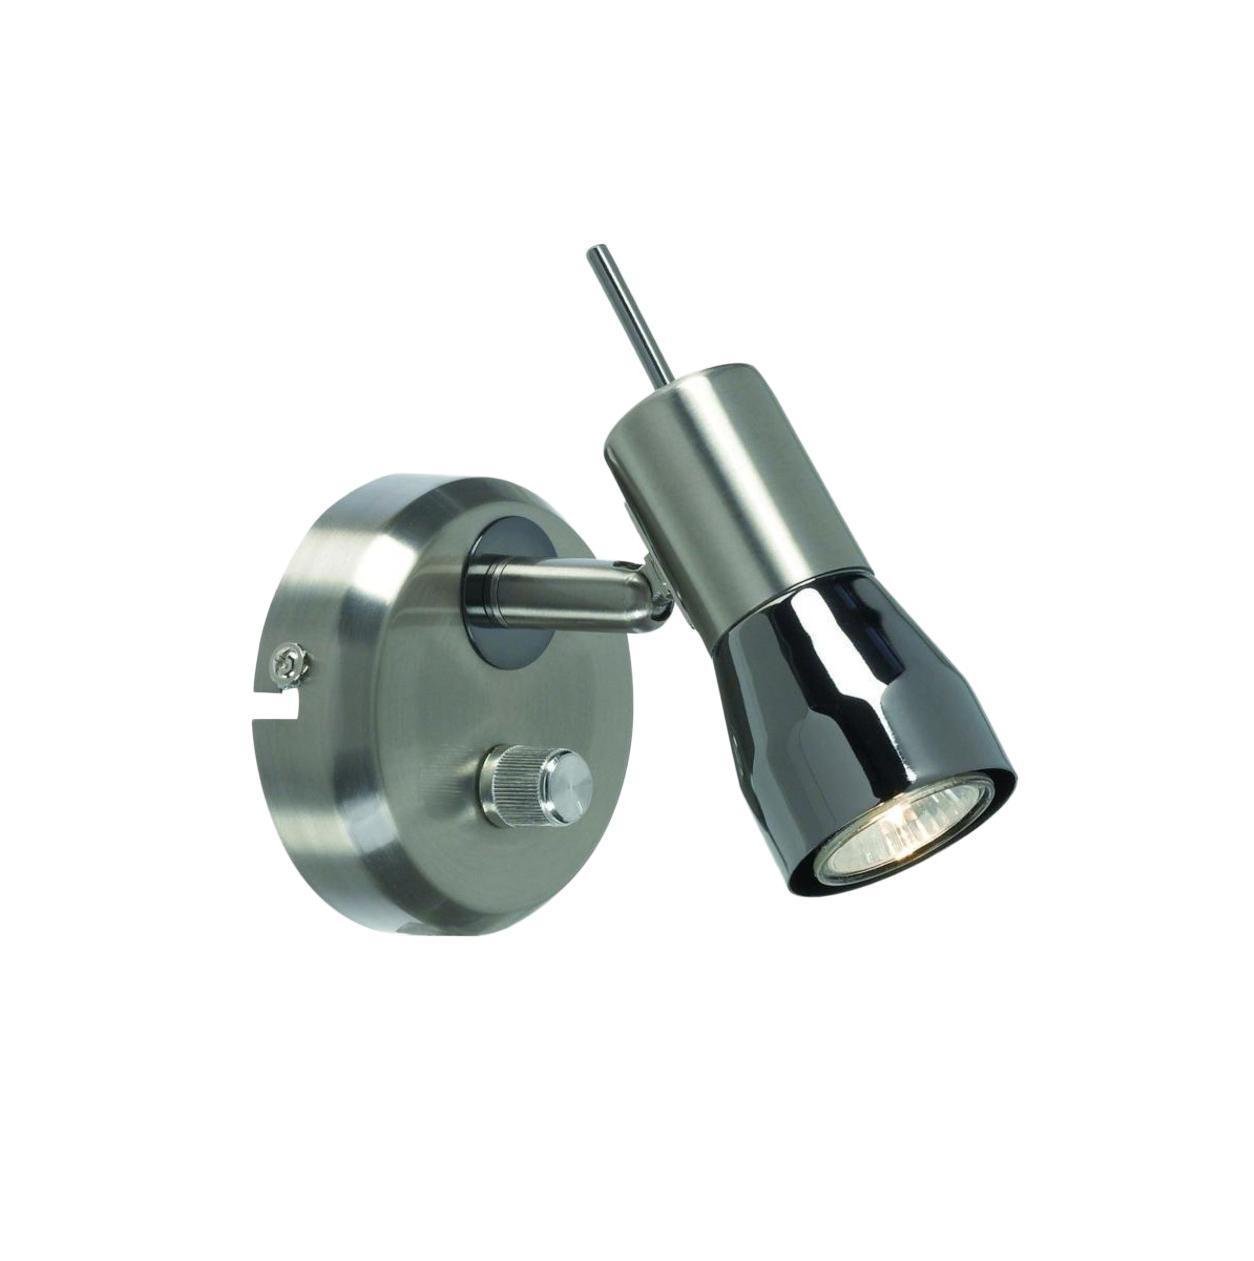 Бра MarkSLojd TITANIA 261641261641261641 Светильник настенный, TITANIA, сталь-черный хром, GU10MINI 1*35WW